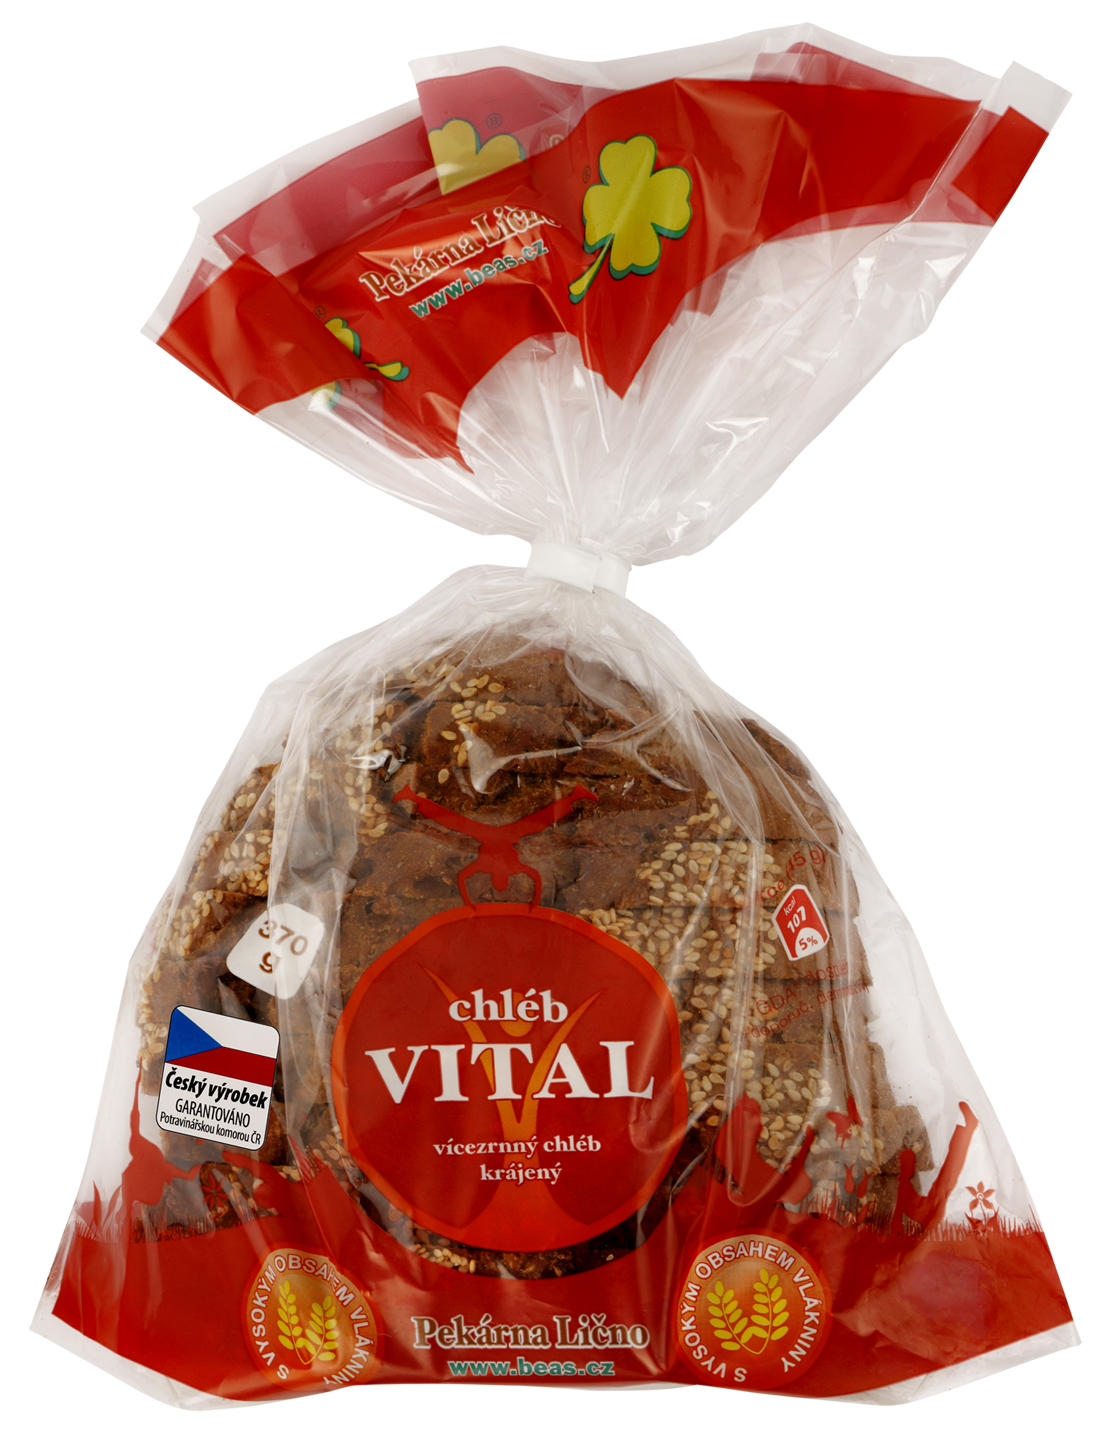 Značka Beas chléb Vital krájený